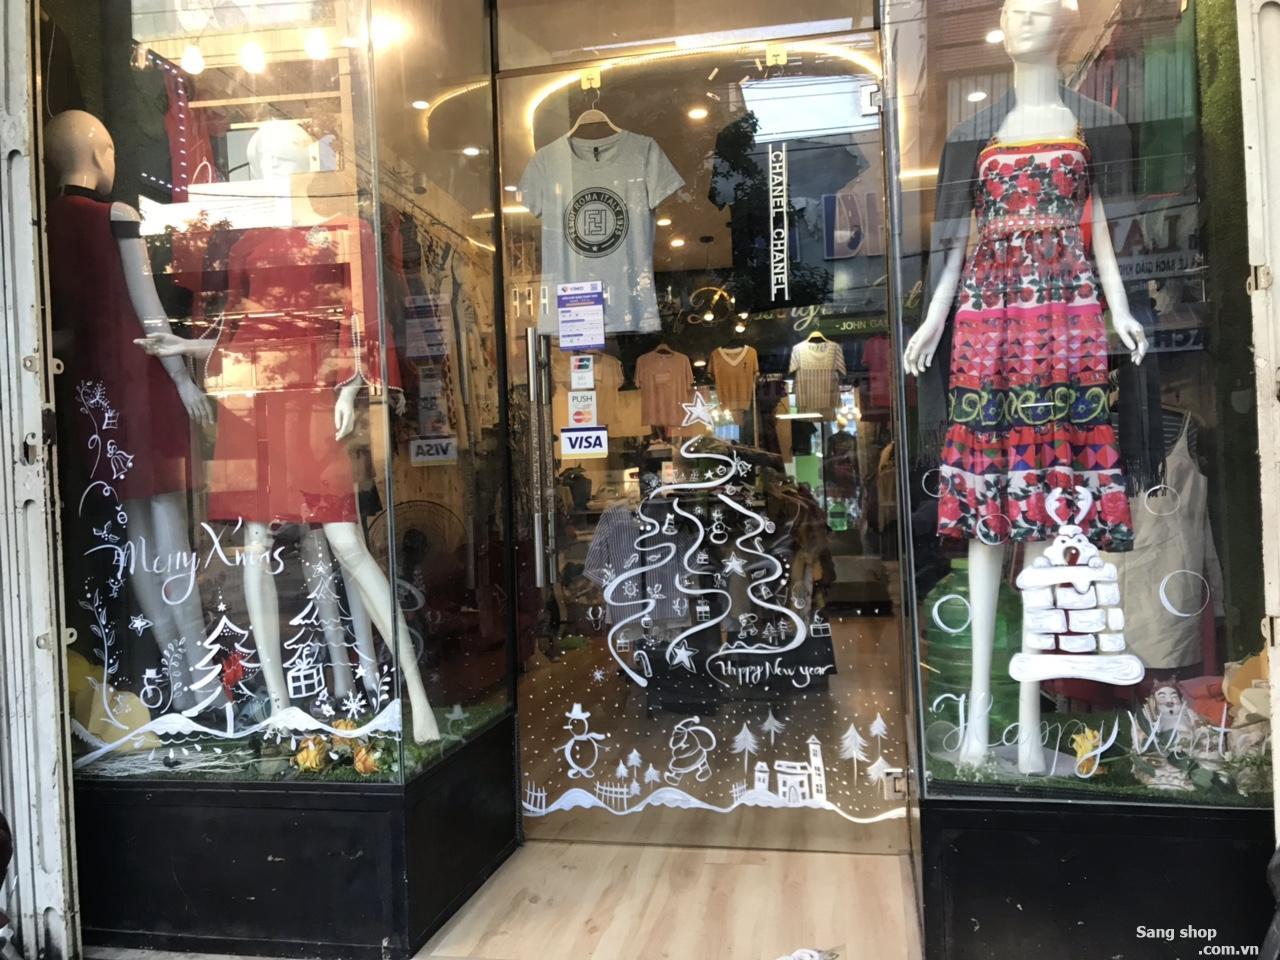 Cần sang shop thời trang nữ đường Phan chu Trinh. Đà Nẵng